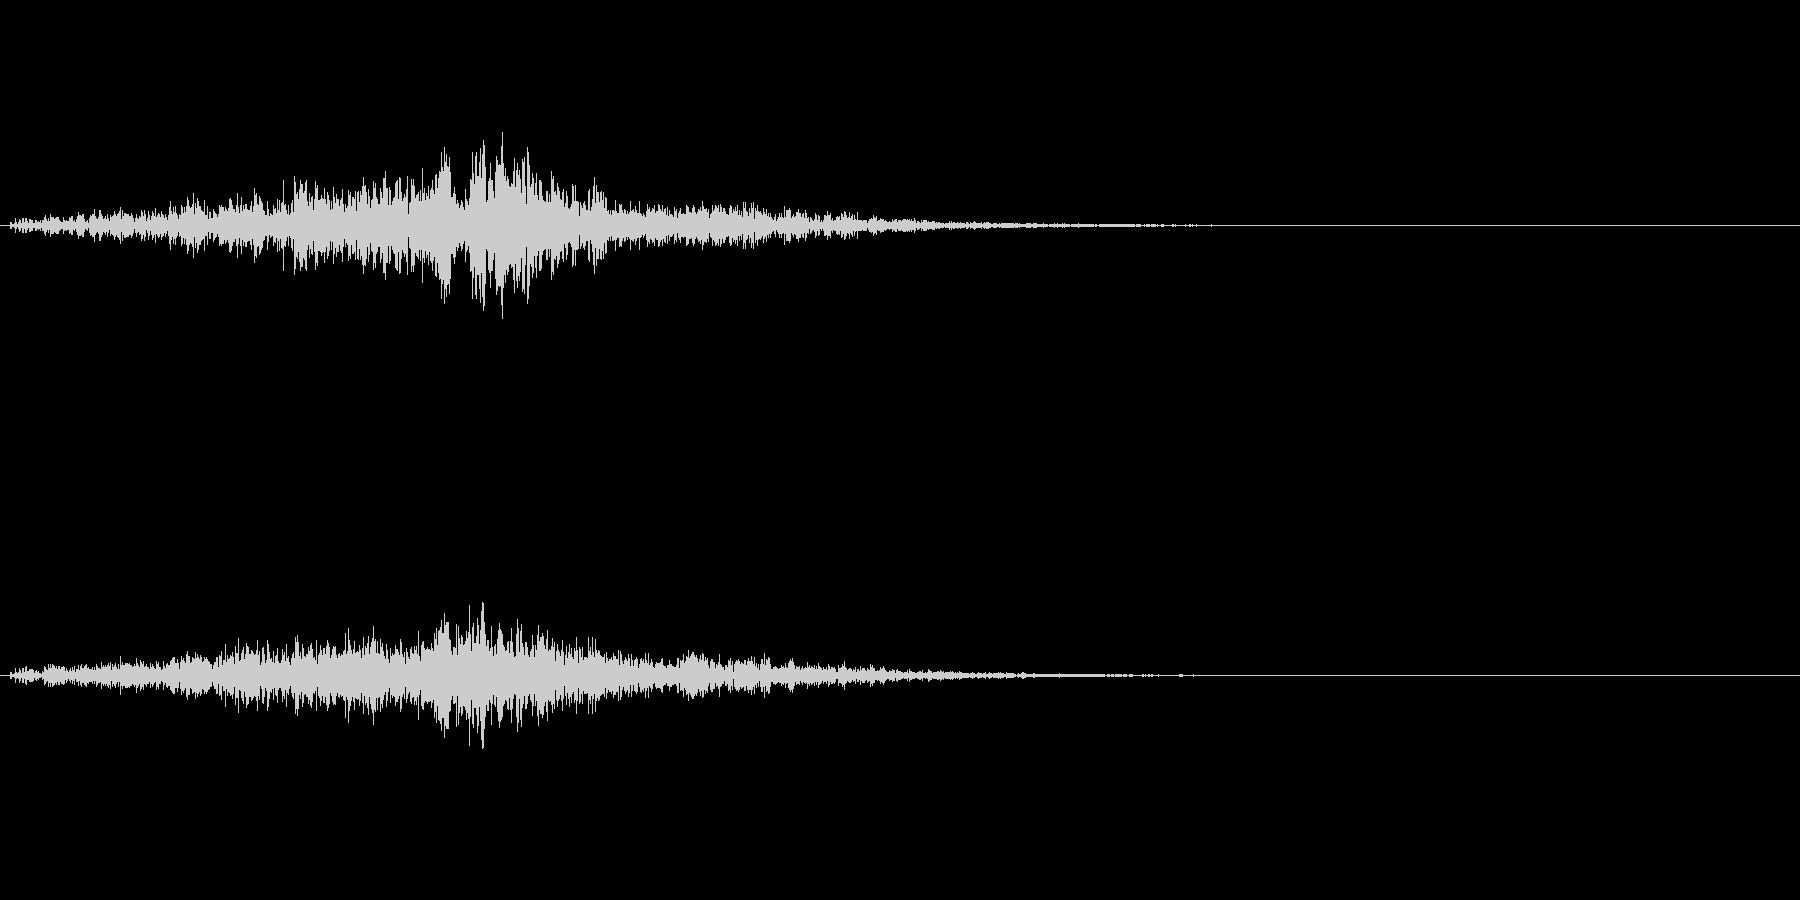 ポタポタッ…(水の魔法、エフェクト)の未再生の波形